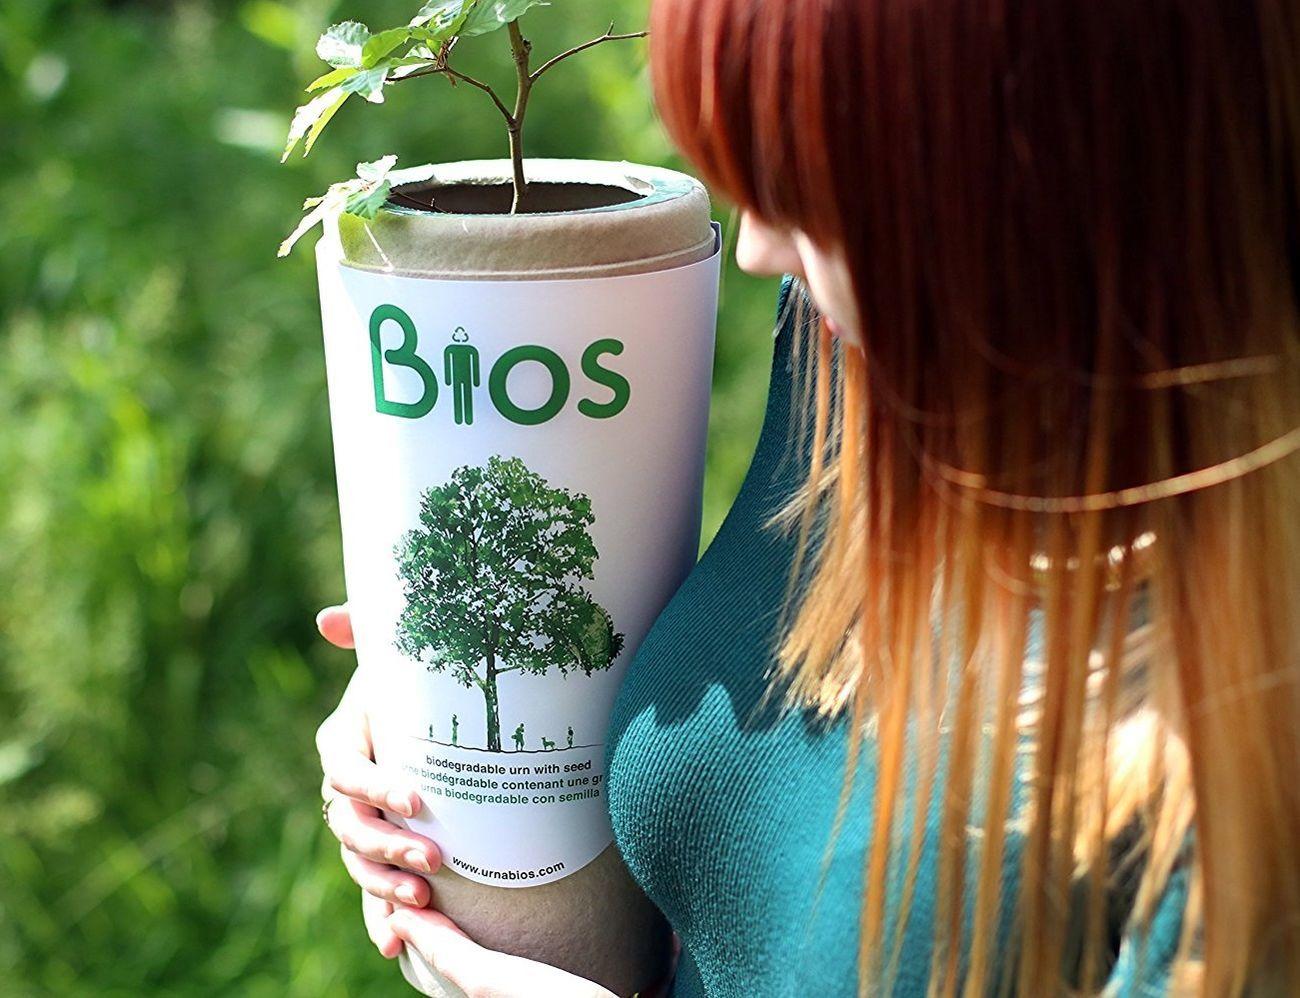 Bios Biodegradable Urn